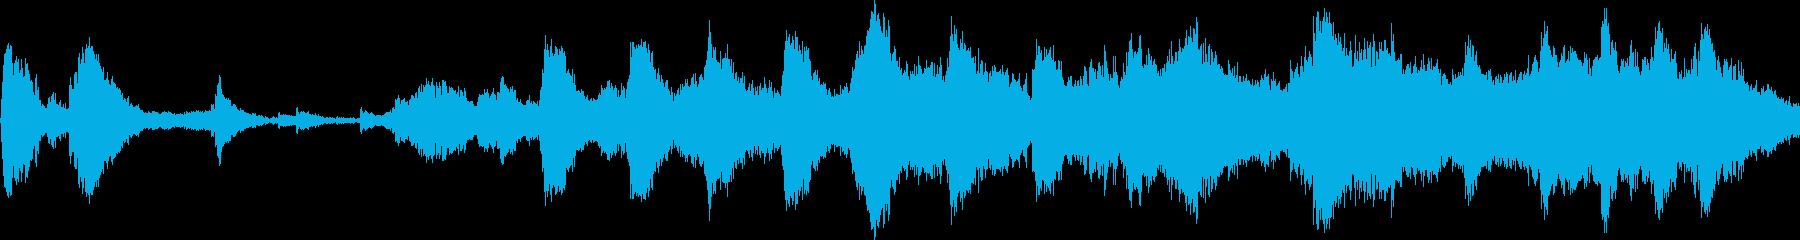 世界ケルト研究所落ち着いた。雄大な...の再生済みの波形